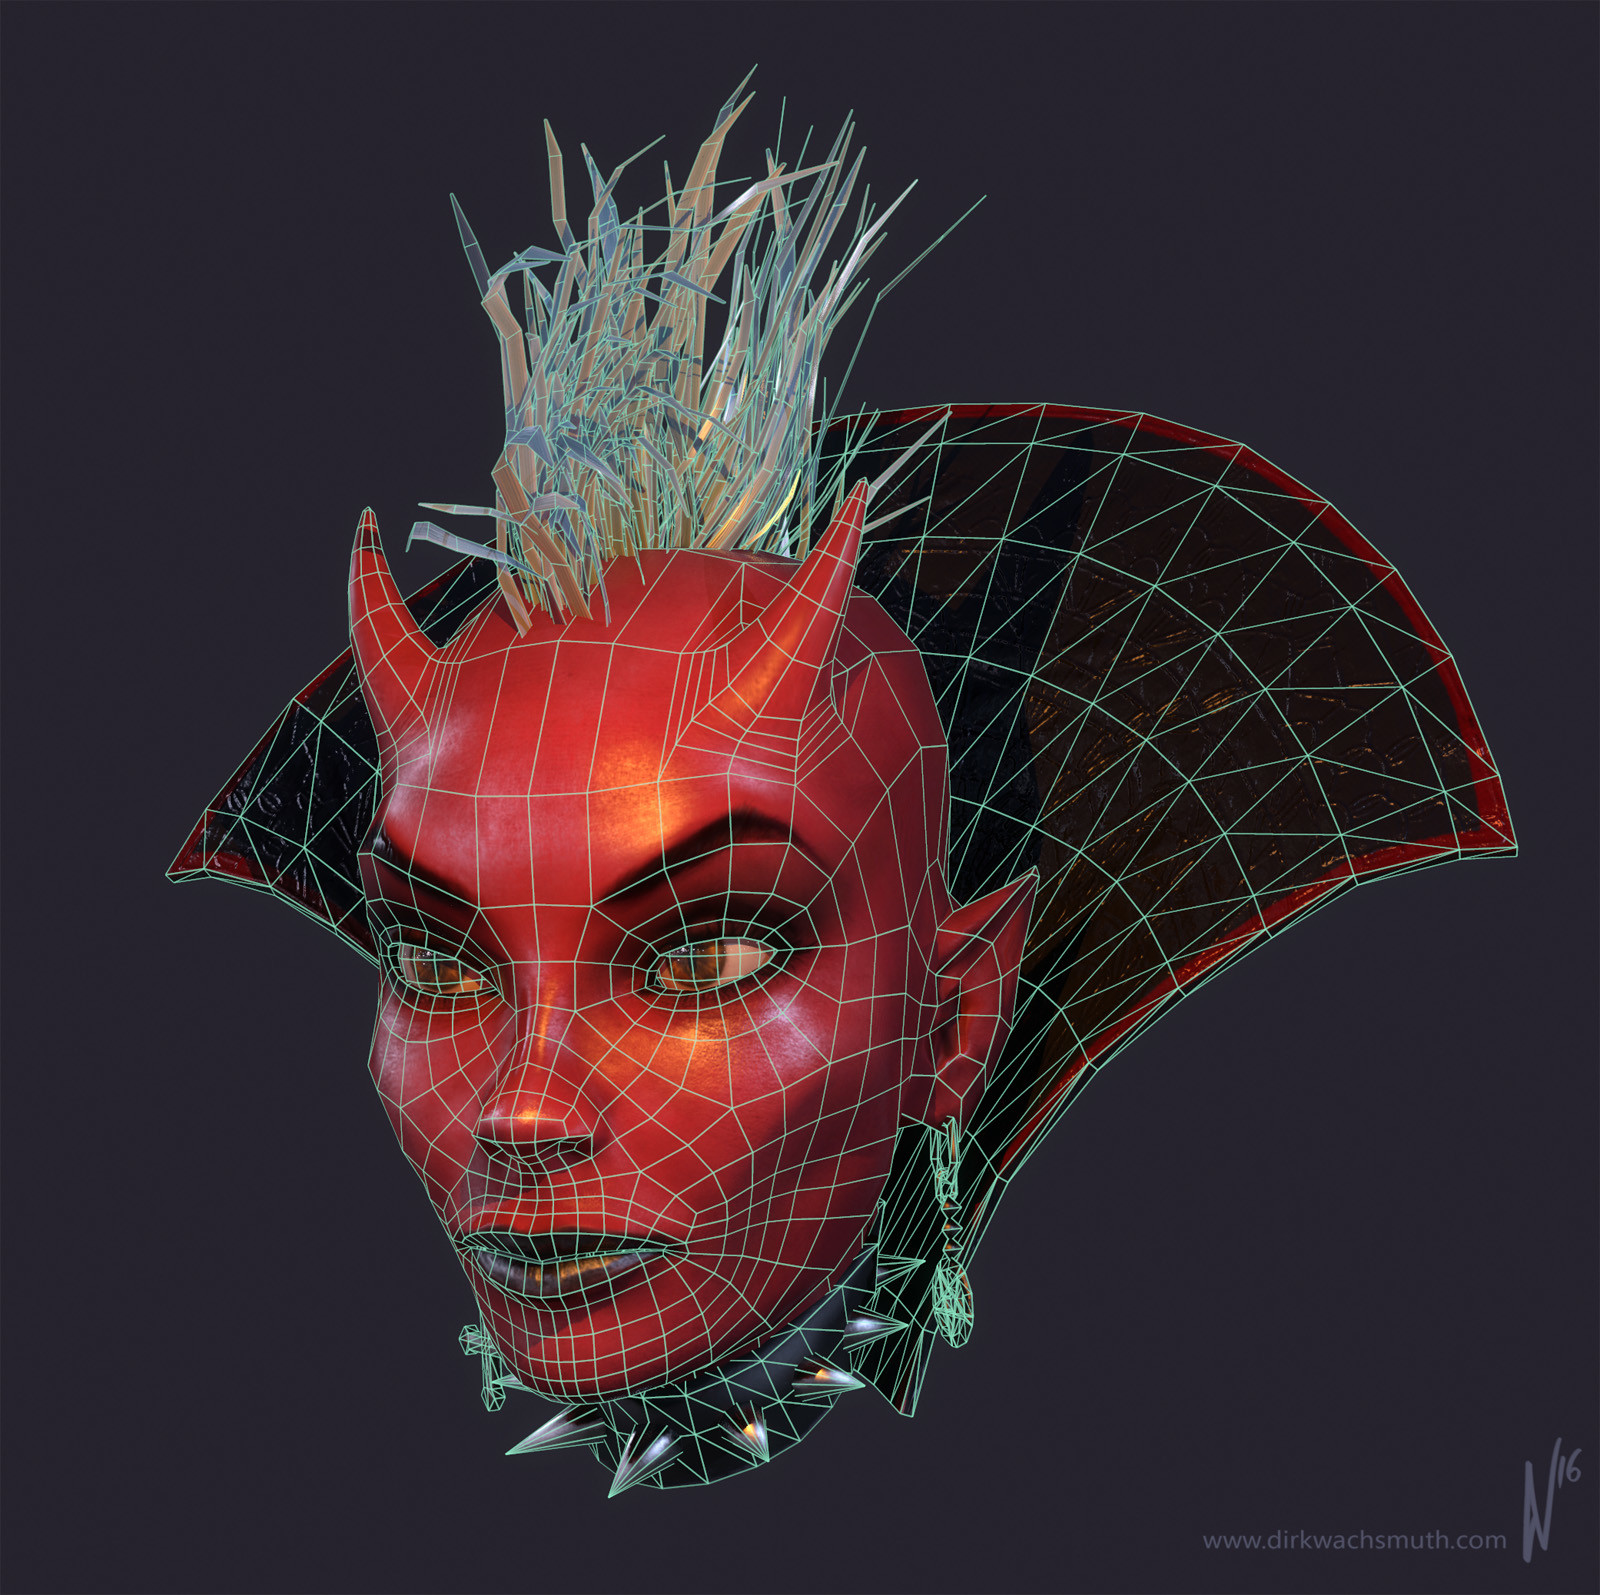 Dirk wachsmuth devil girl 02 wires